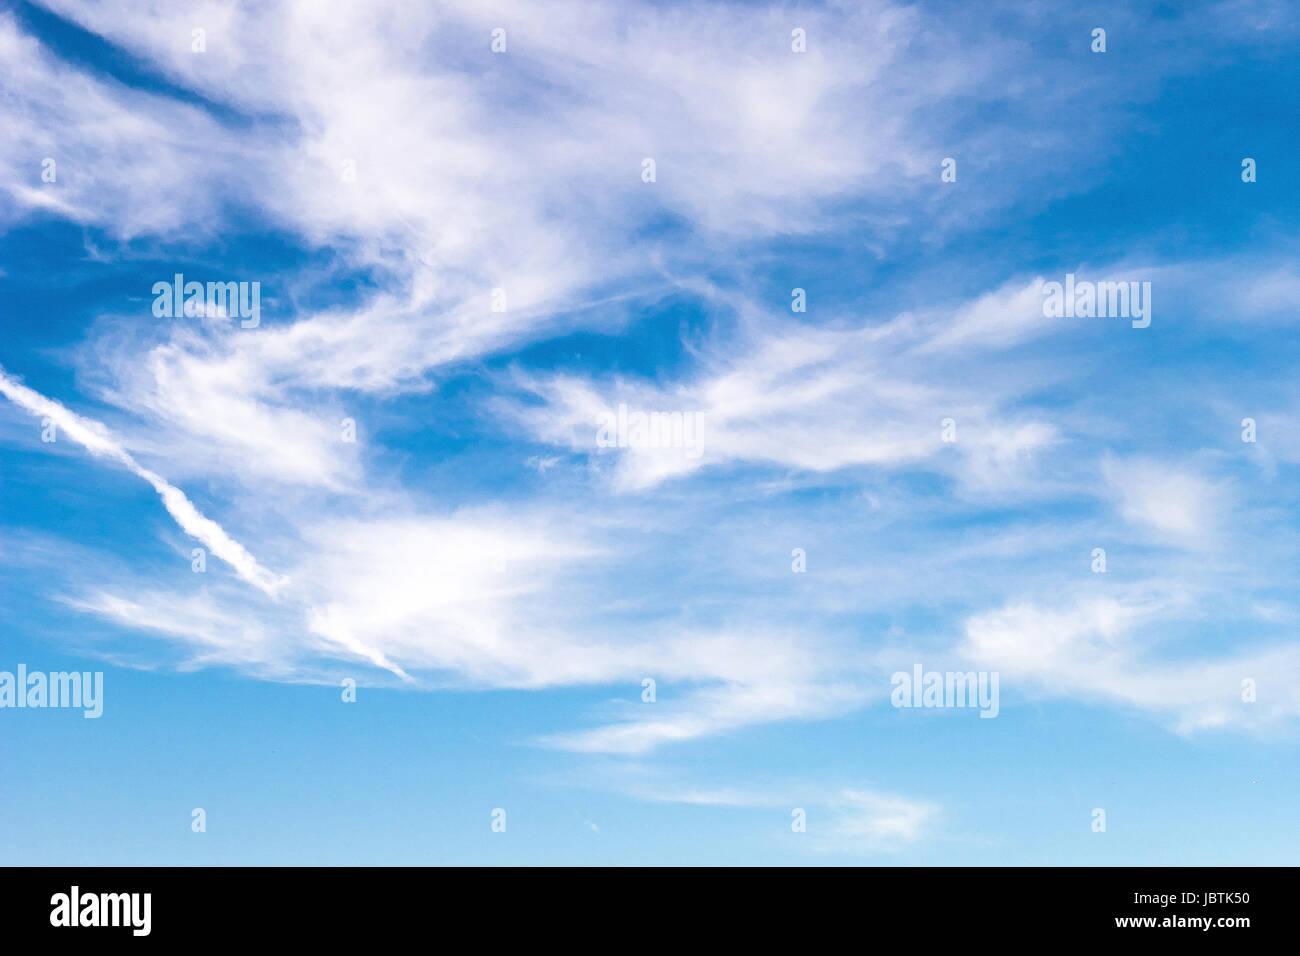 Blue sky with veil clouds - cirri, Blauer Himmel mit Schleierwolken - Federwolken - Stock Image